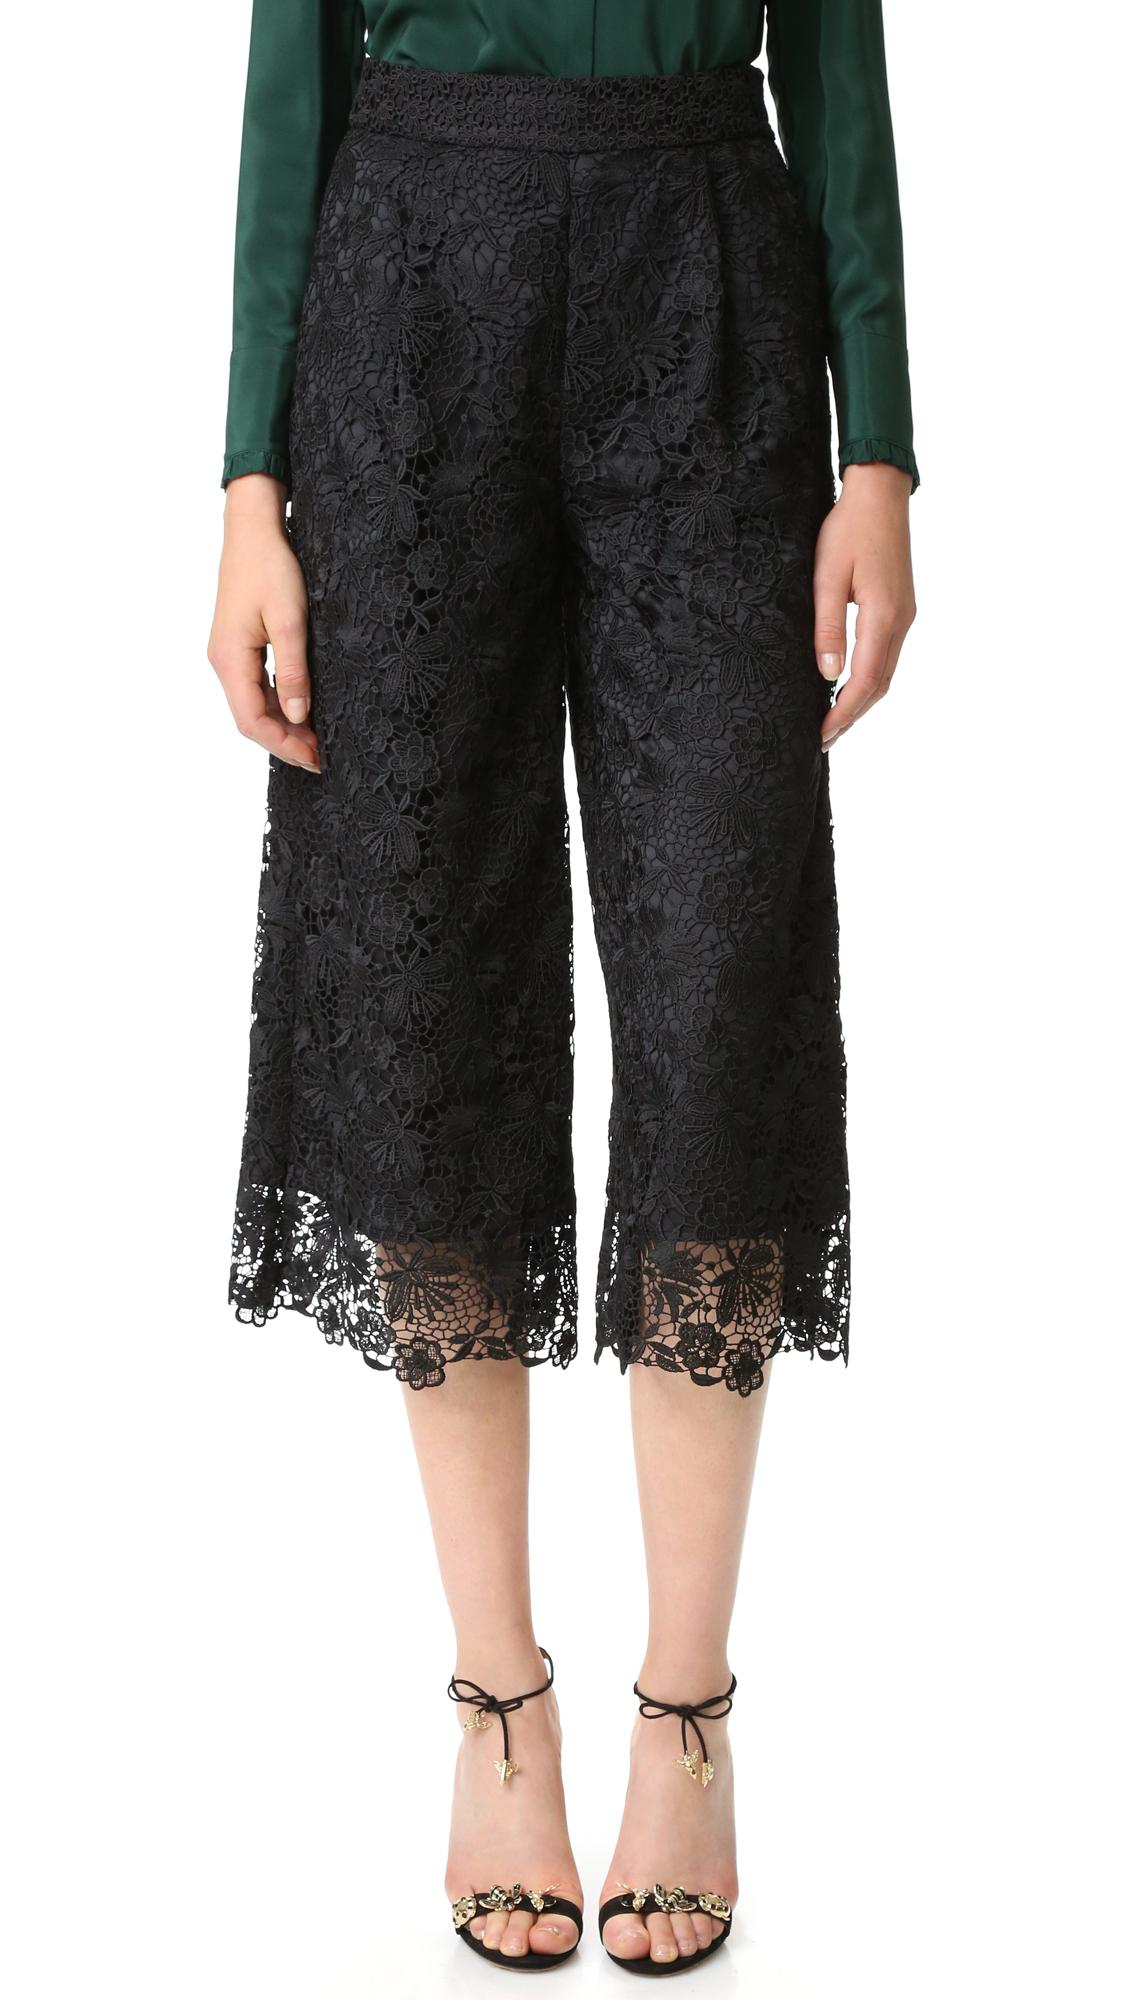 diane von furstenberg female diane von furstenberg dvf holly lace pants blackblack